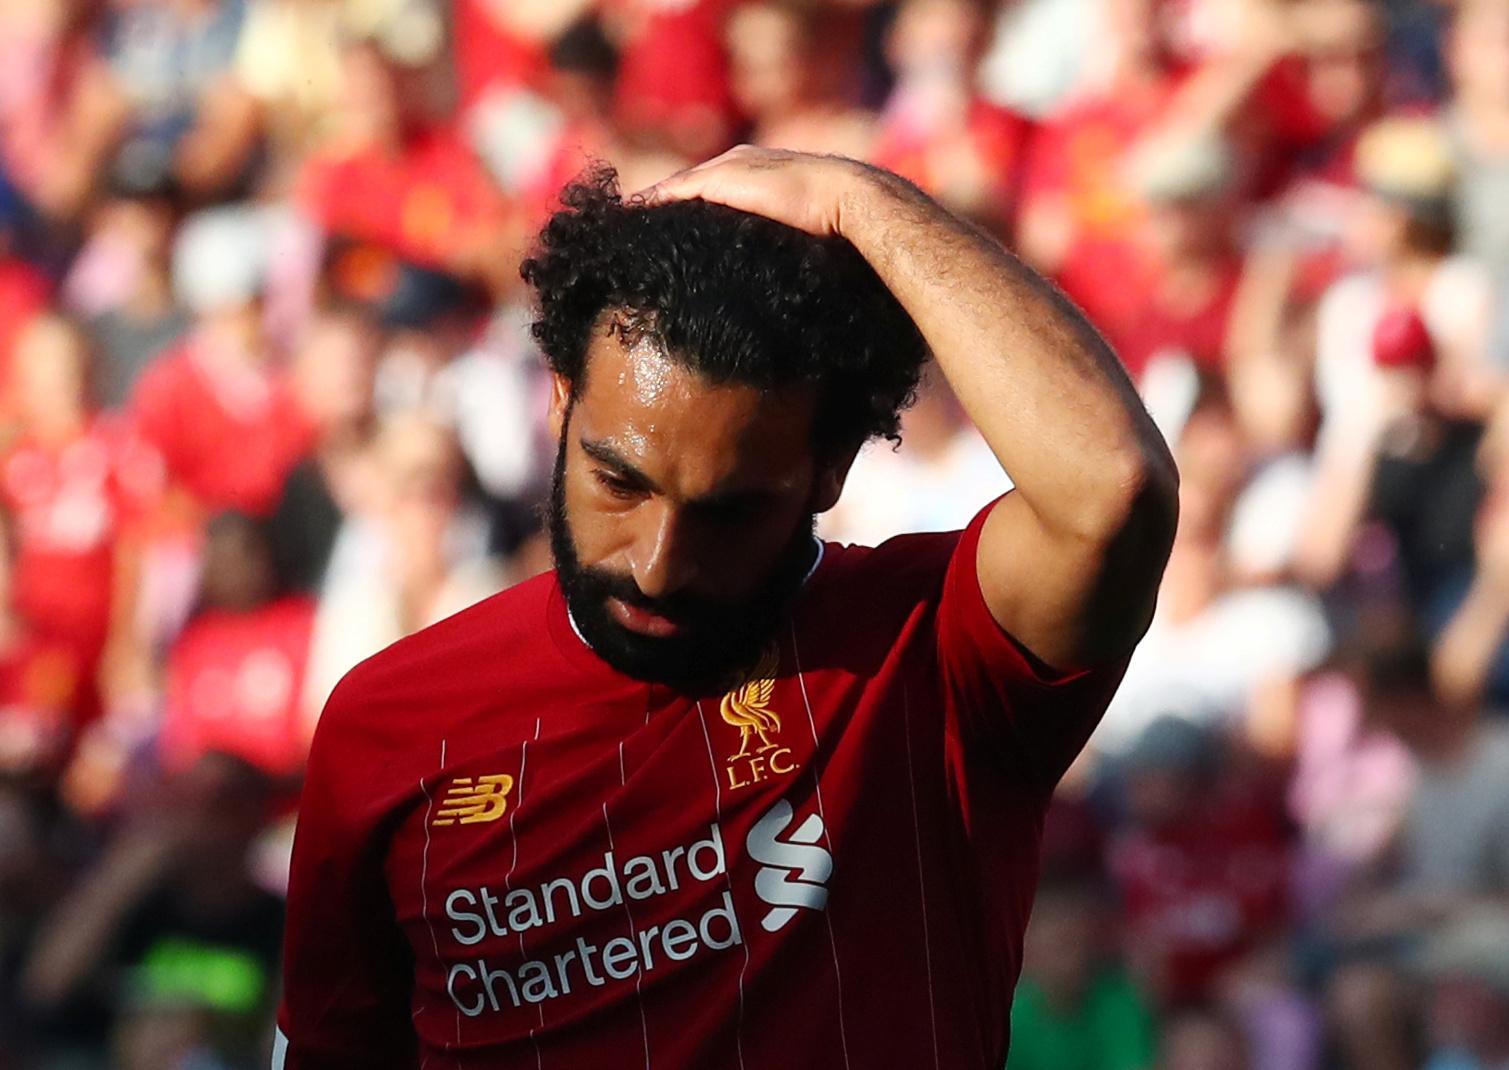 الاتحاد المصري لكرة القدم يعلن إصابة صلاح مهاجم ليفربول بفيروس كورونا قبل مواجهة توجو